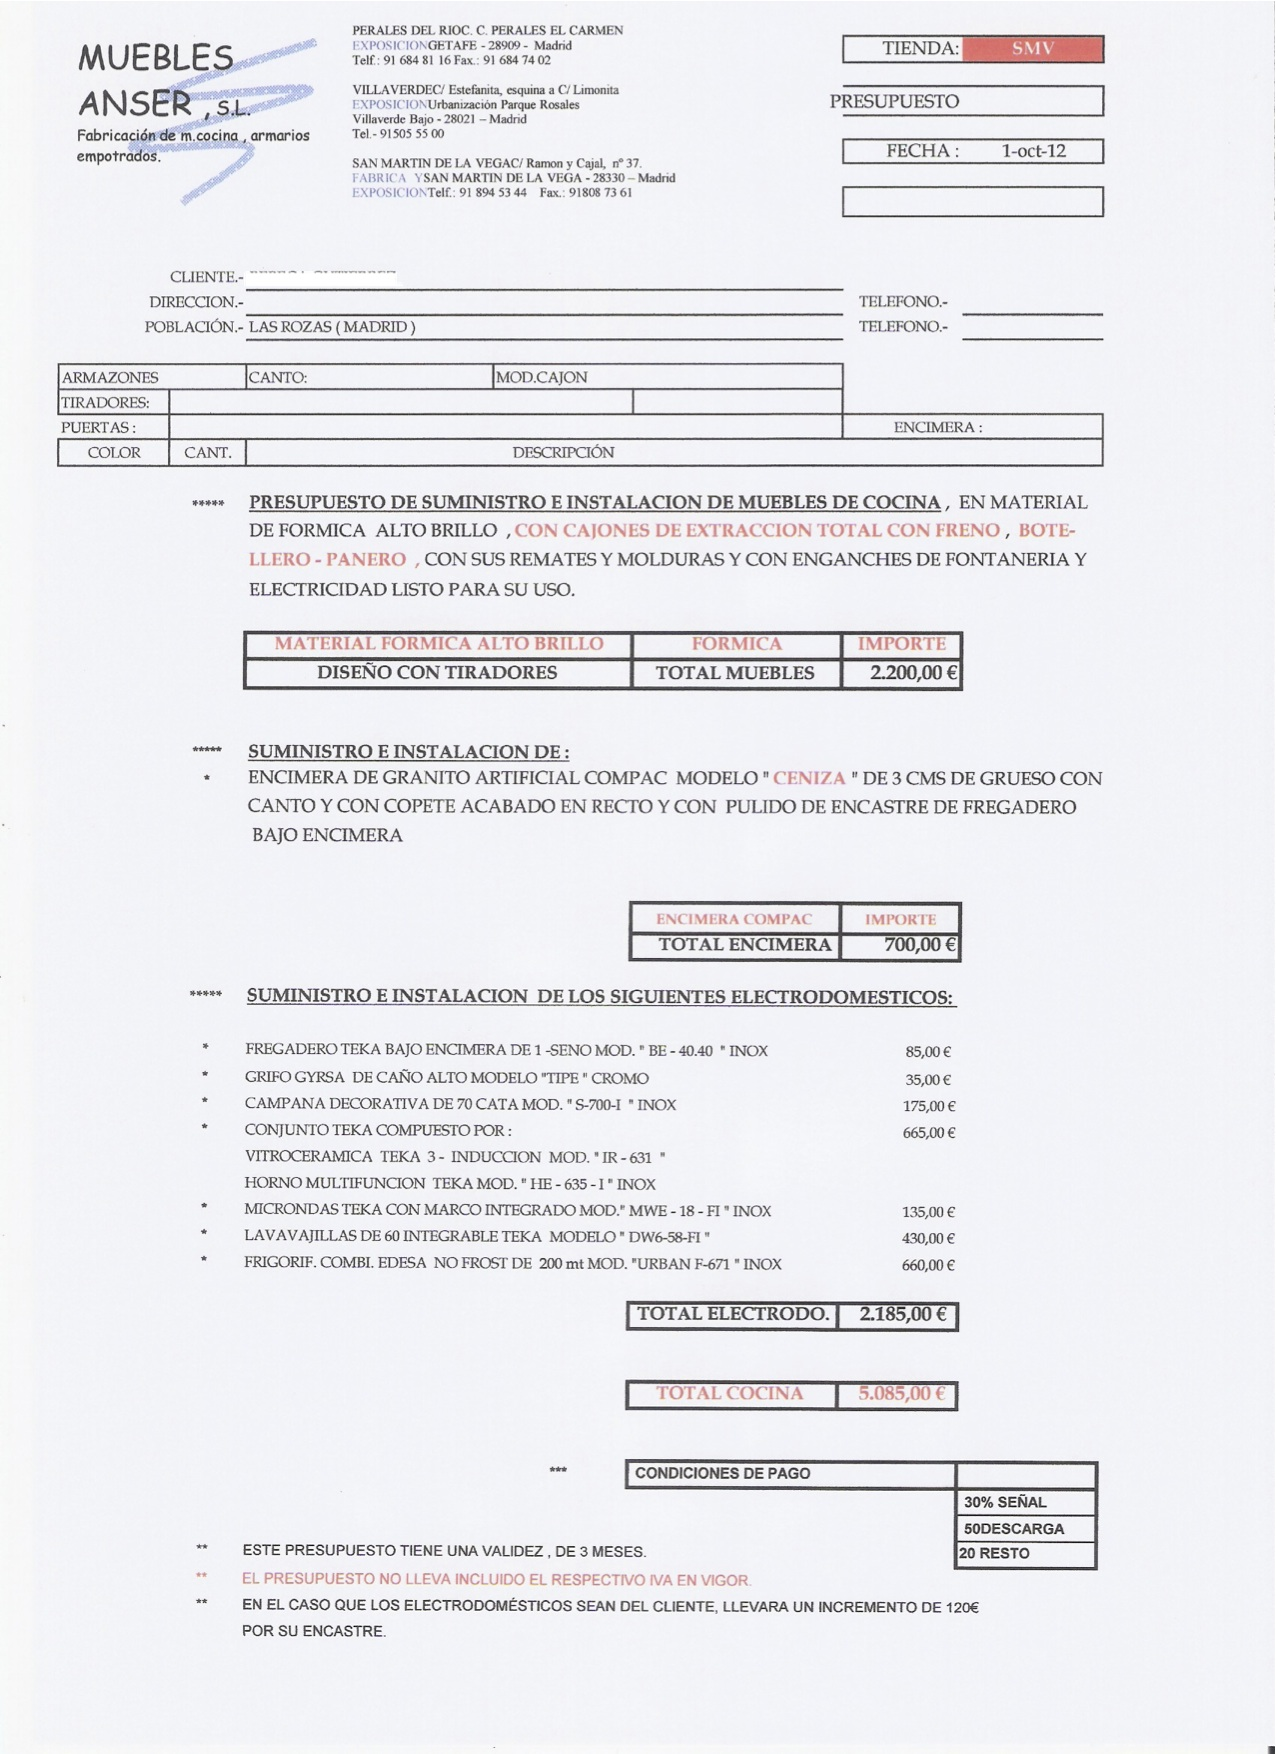 Emgv marazuela 2 conv documento presupuesto - Presupuesto de cocinas ...